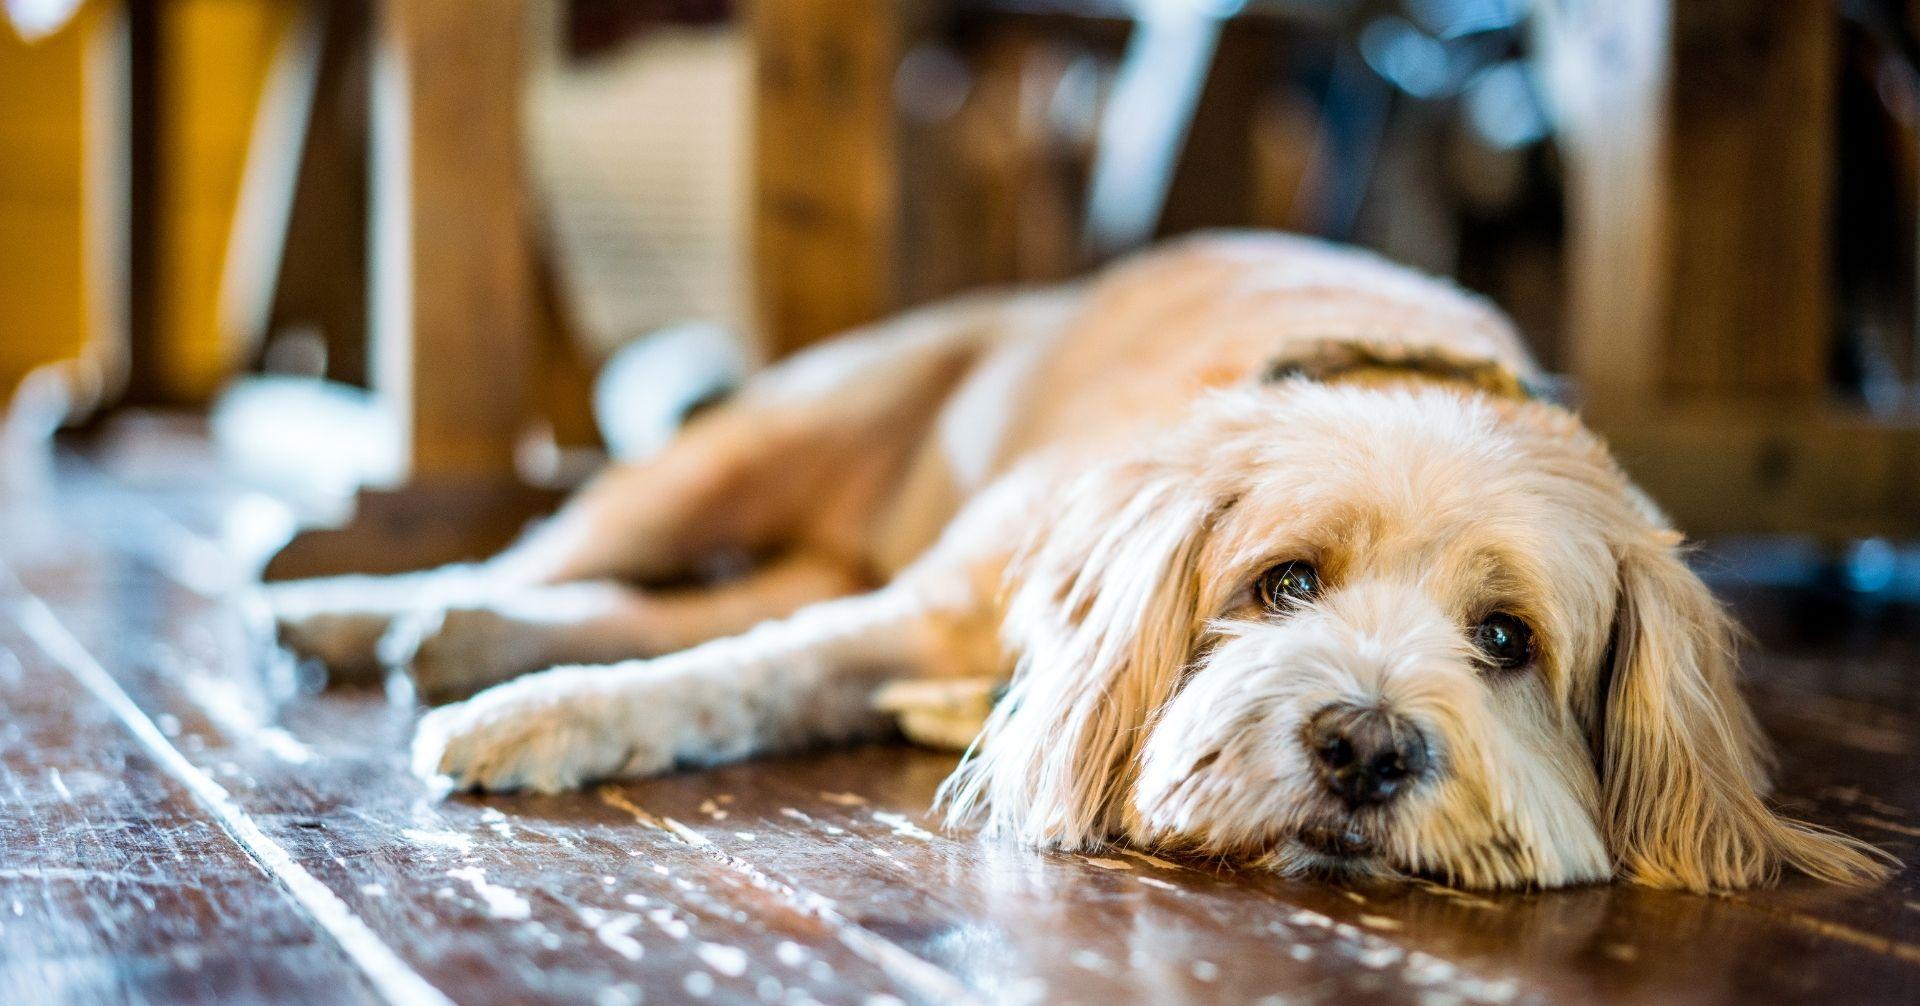 【見逃しがち!?】夏バテを見分ける愛犬のサイン